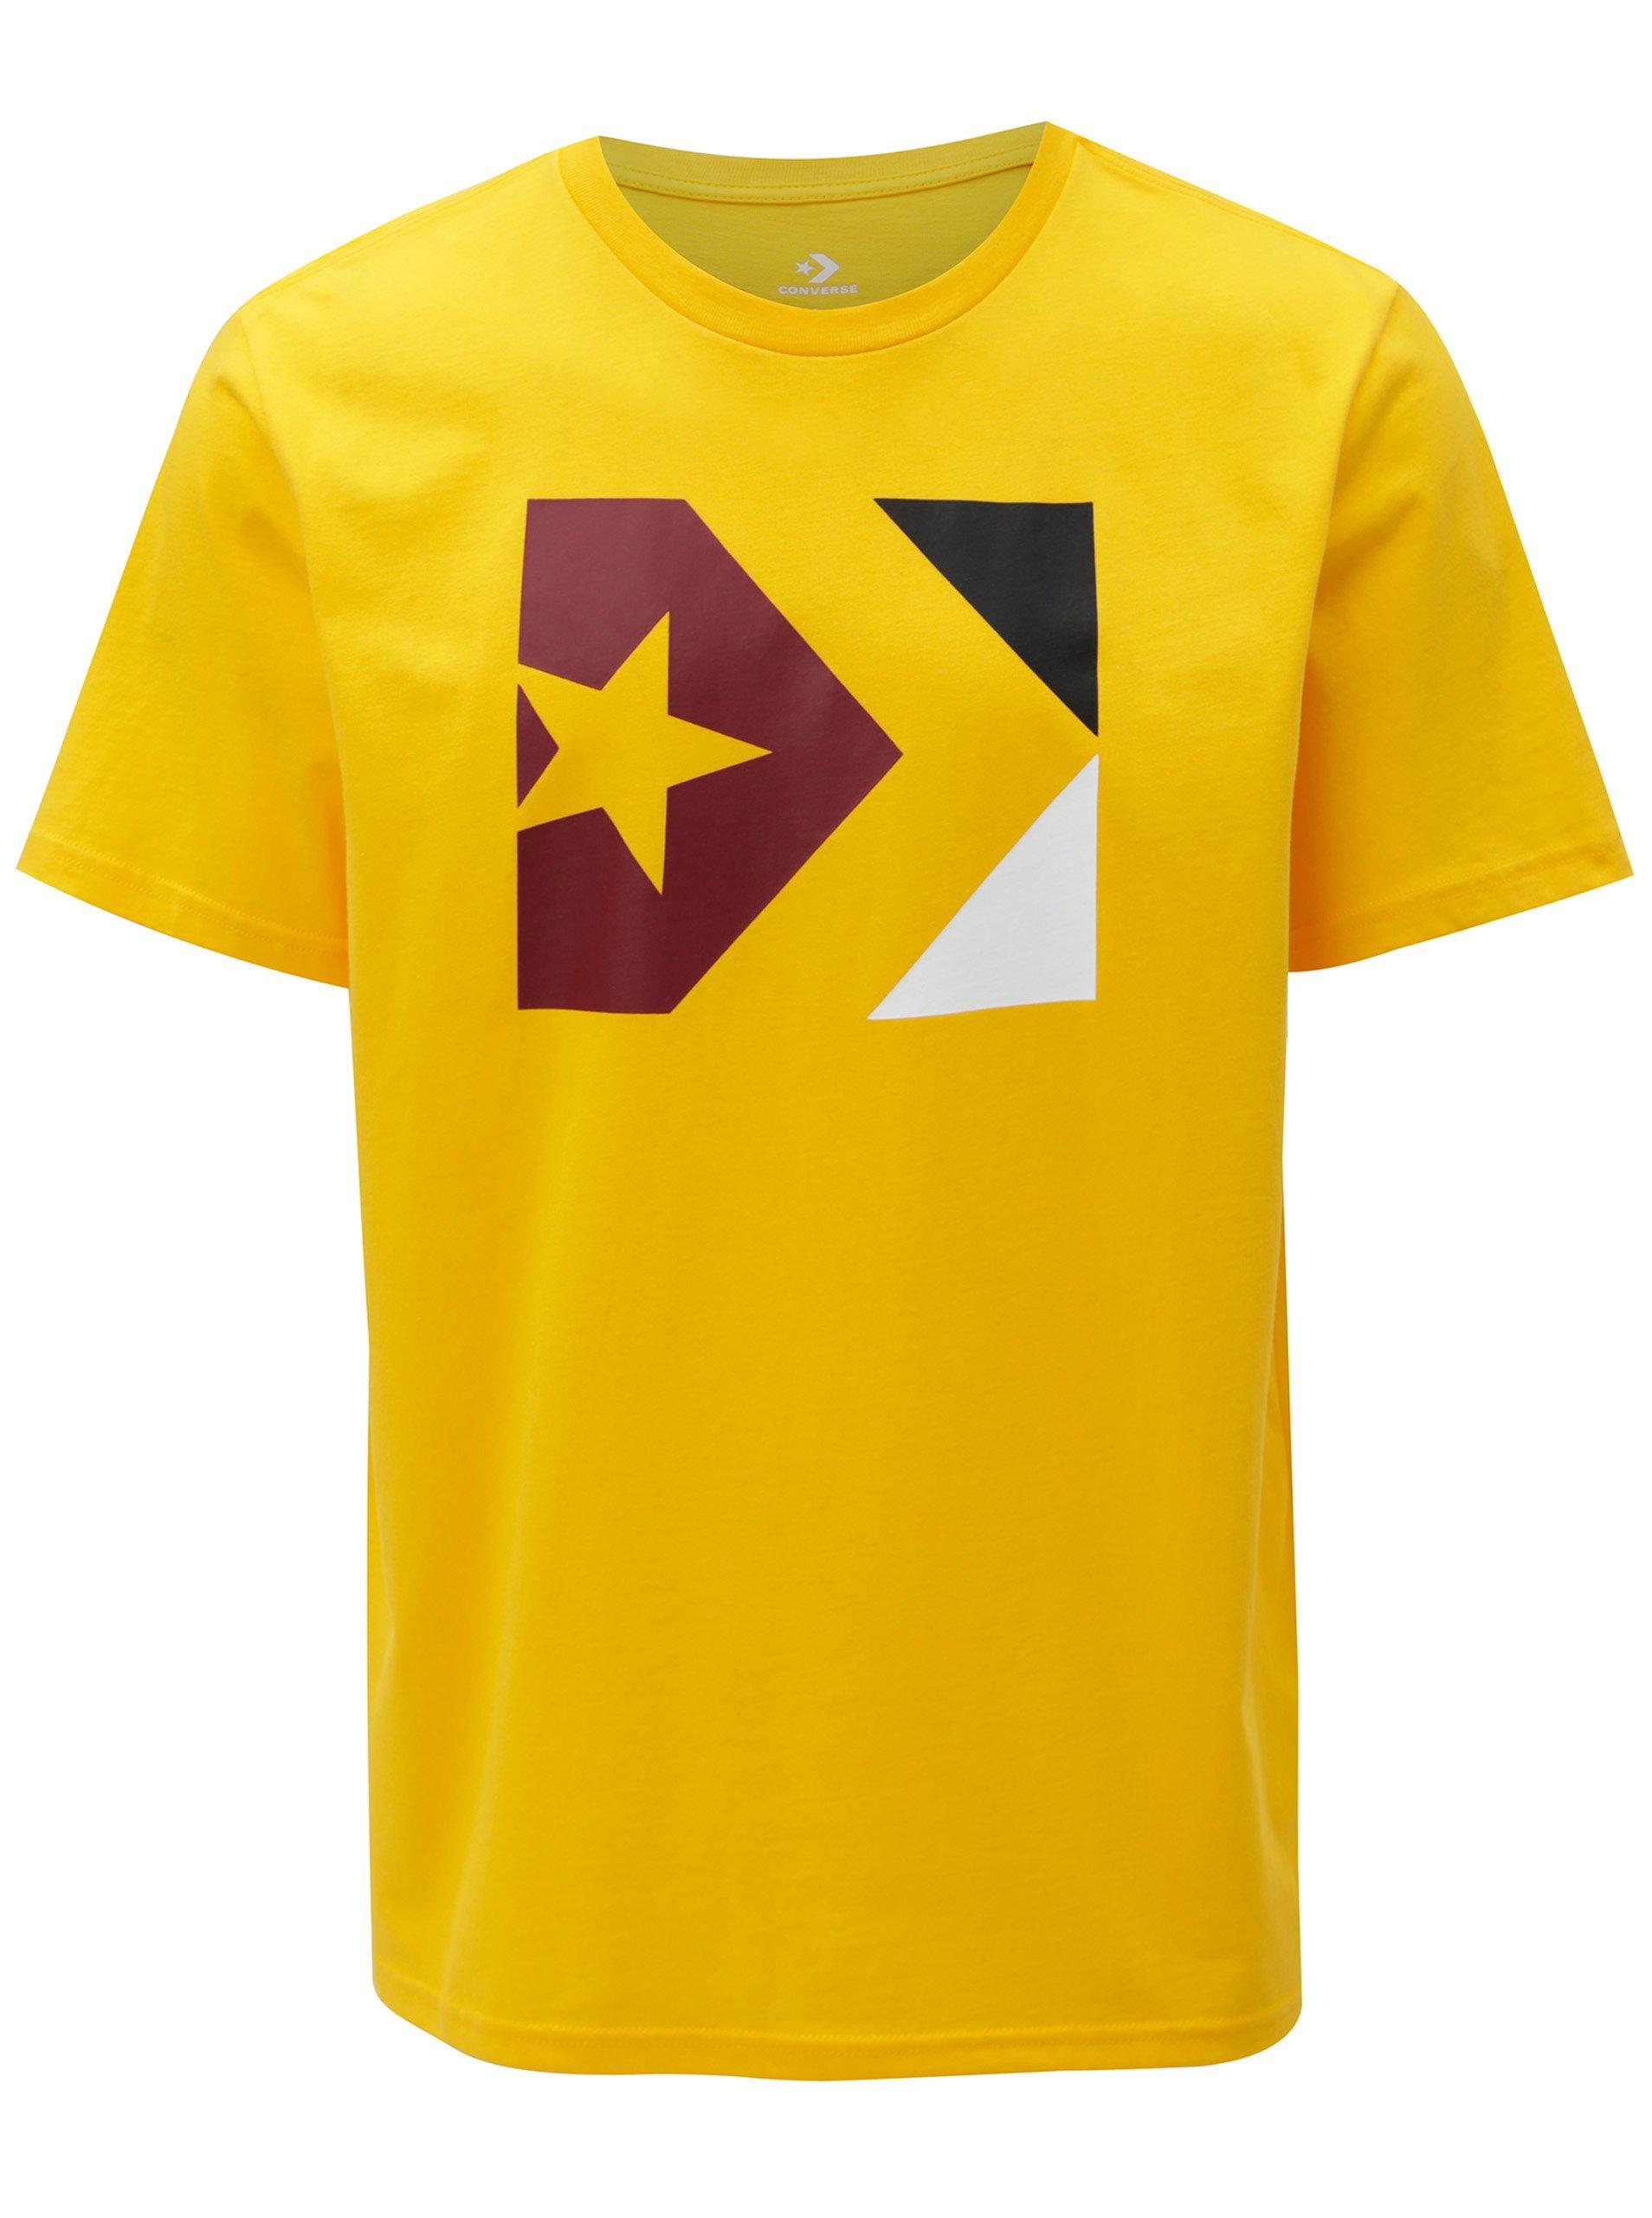 ad929a8ae45 Žluté pánské tričko s potiskem Converse Chevron Tri Color